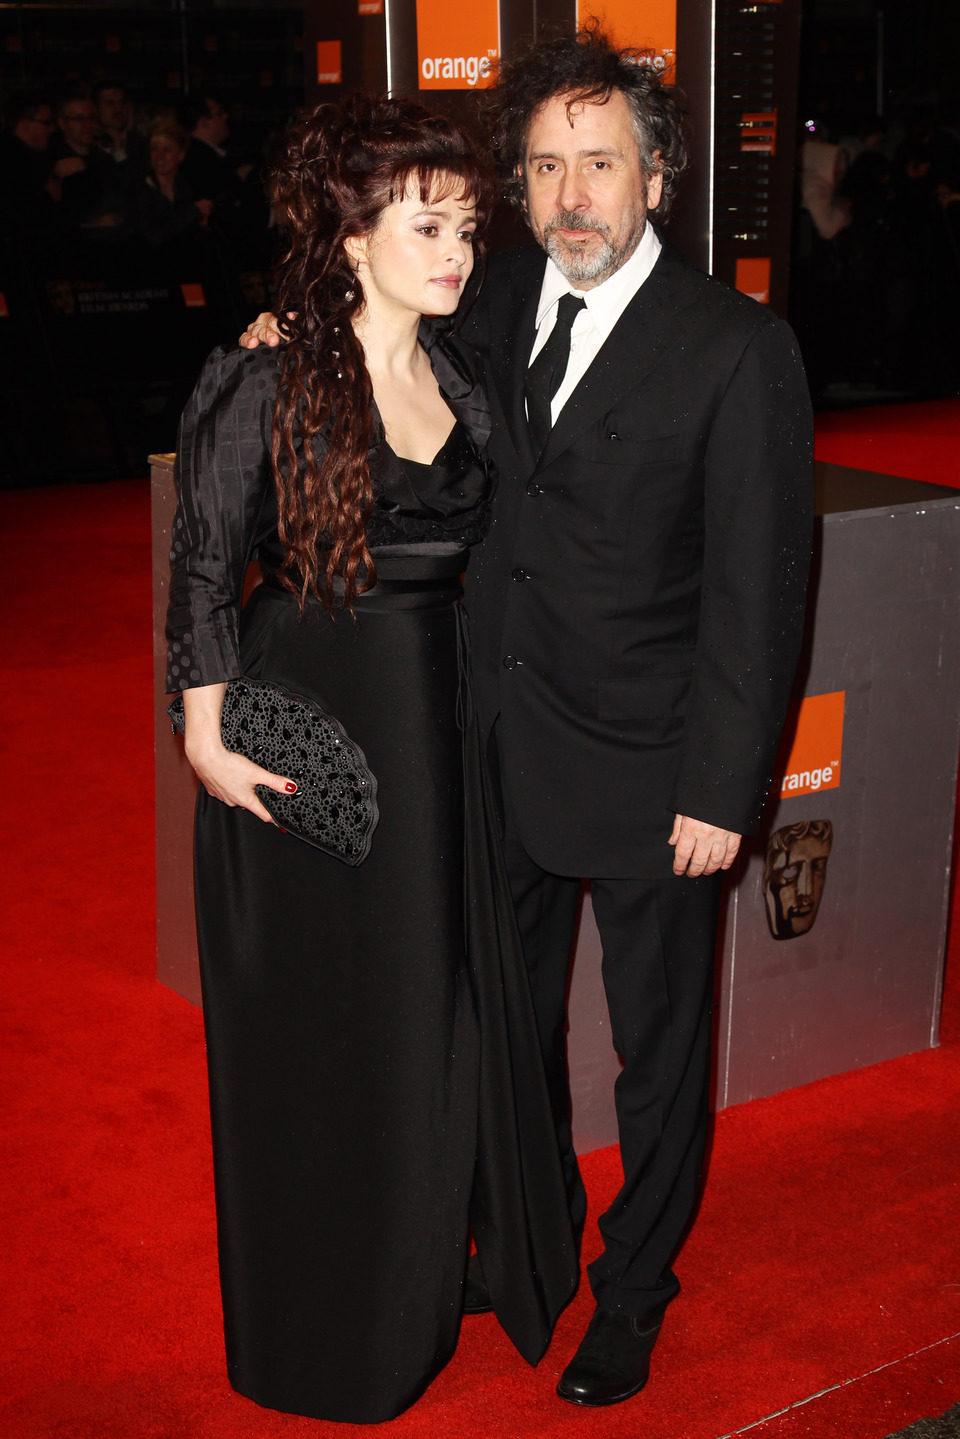 Tim Burton y su mujer en los BAFTA 2011